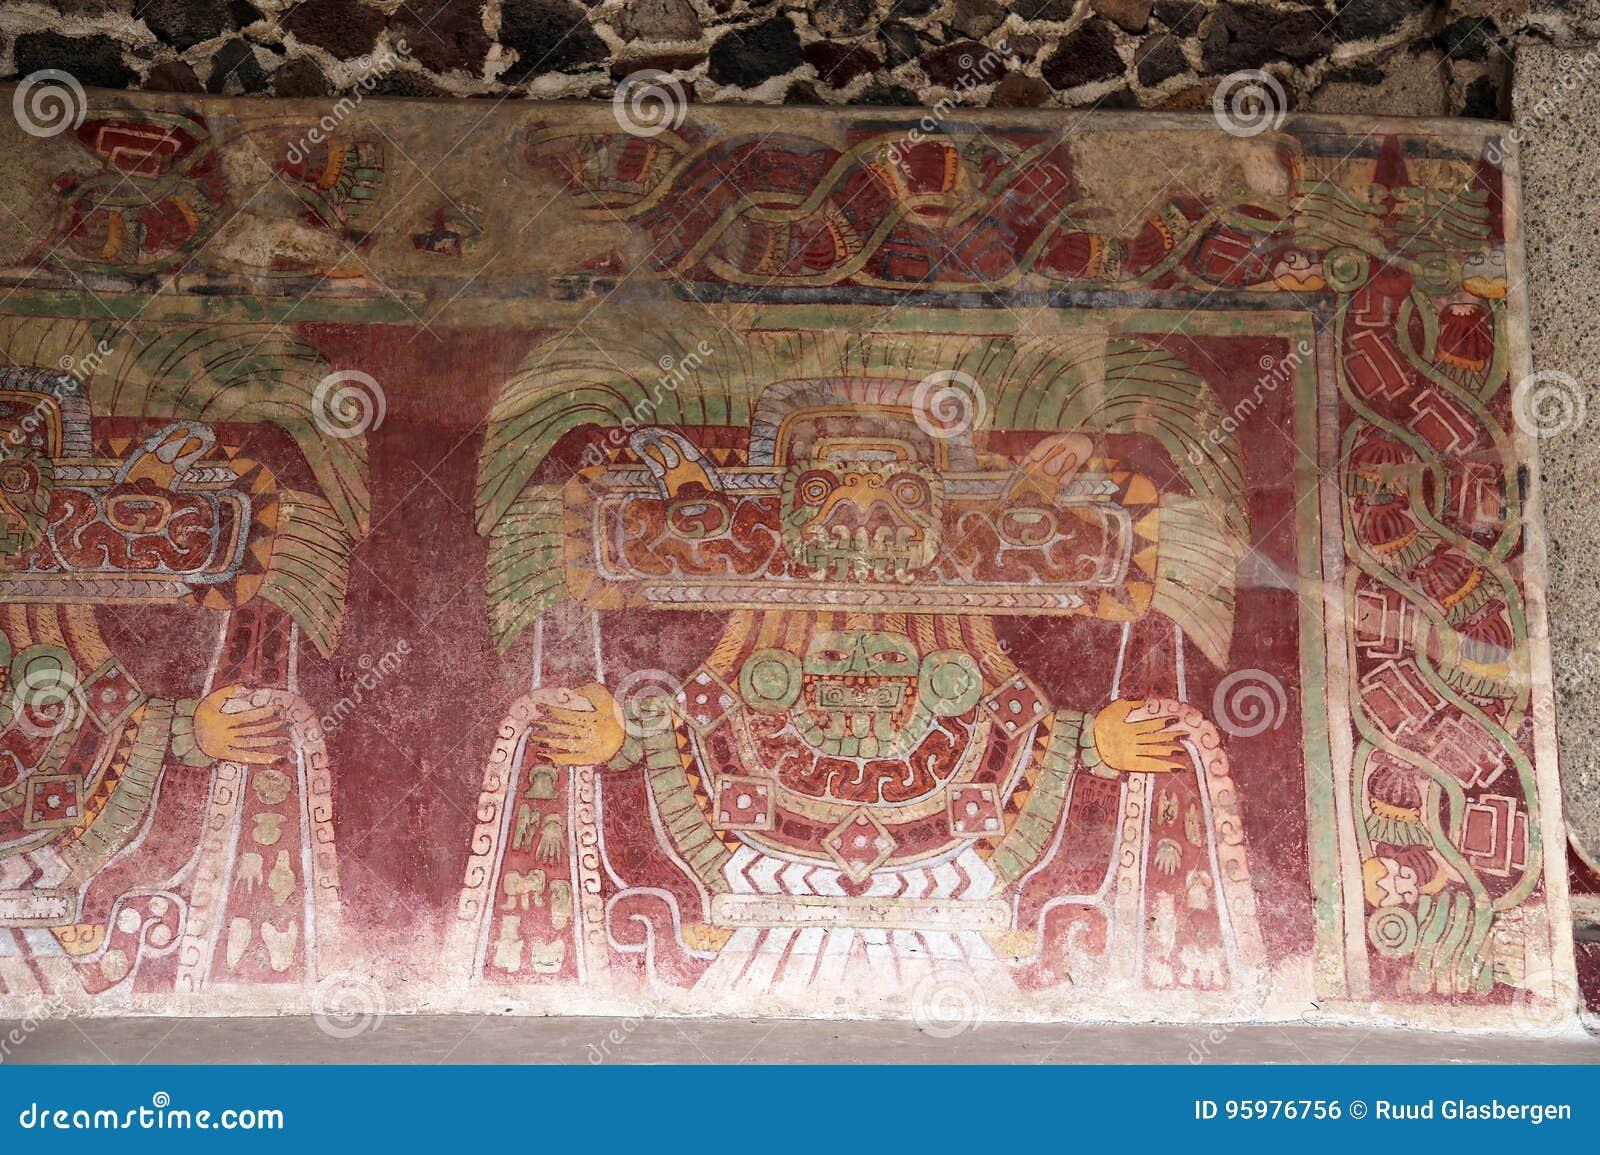 Wandbilder auf den Pyramiden von Teotihuacan, Mexiko